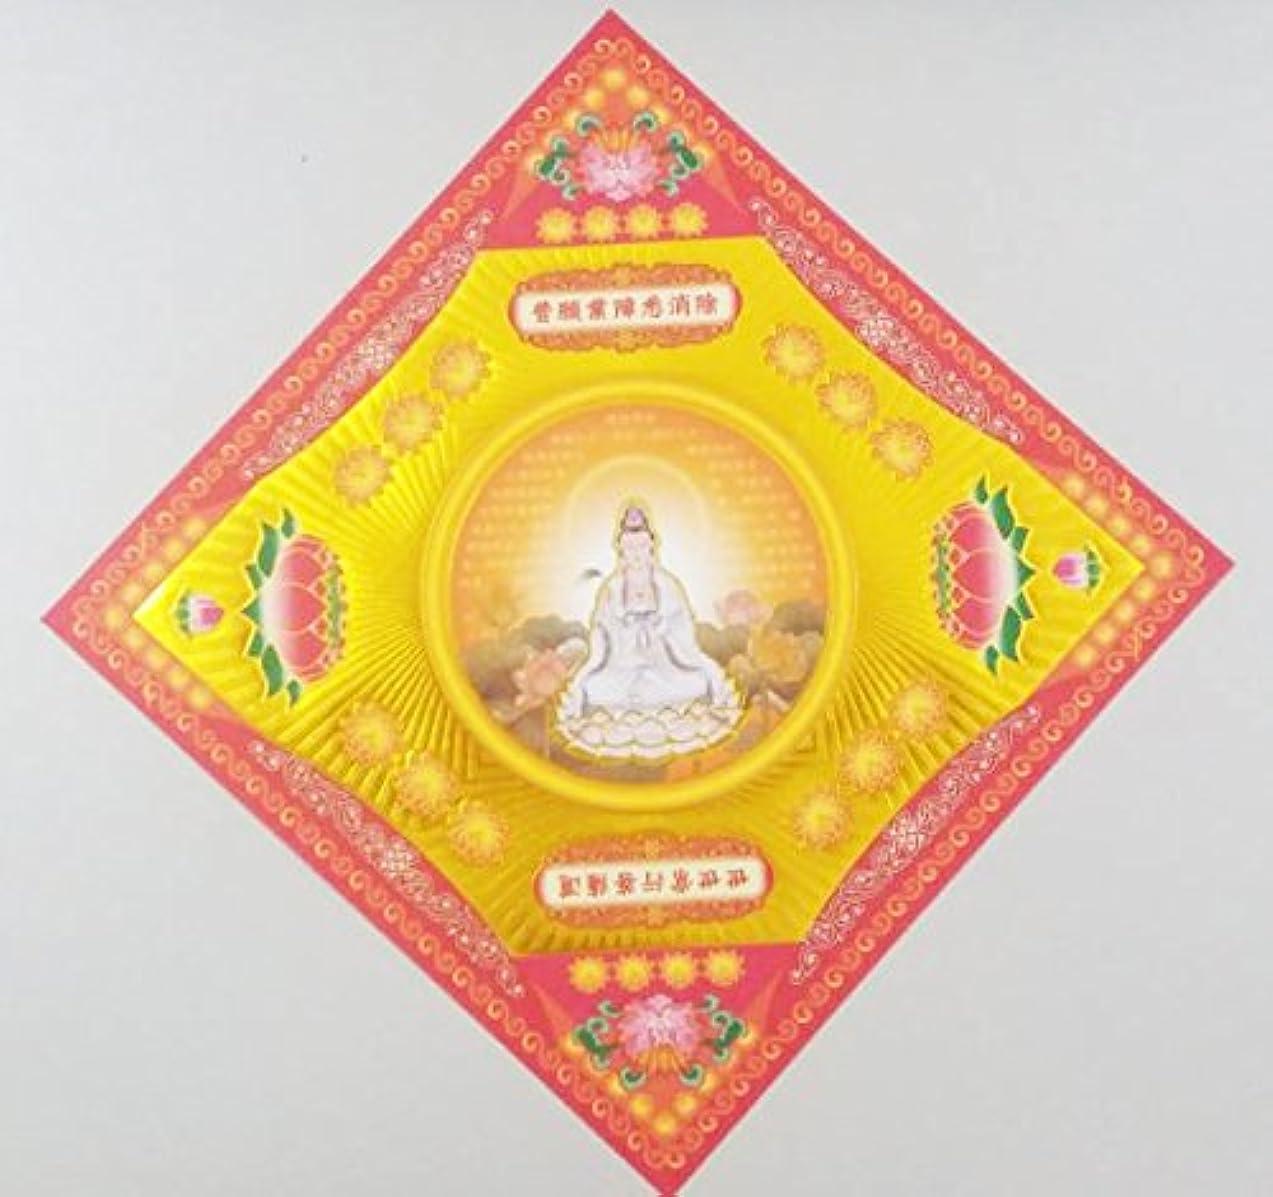 シングル詩スキム40pcs Incense用紙/Joss用紙ハイグレードGuanyinゴールドの箔の祖先Praying 8インチx 8インチ(レッド)